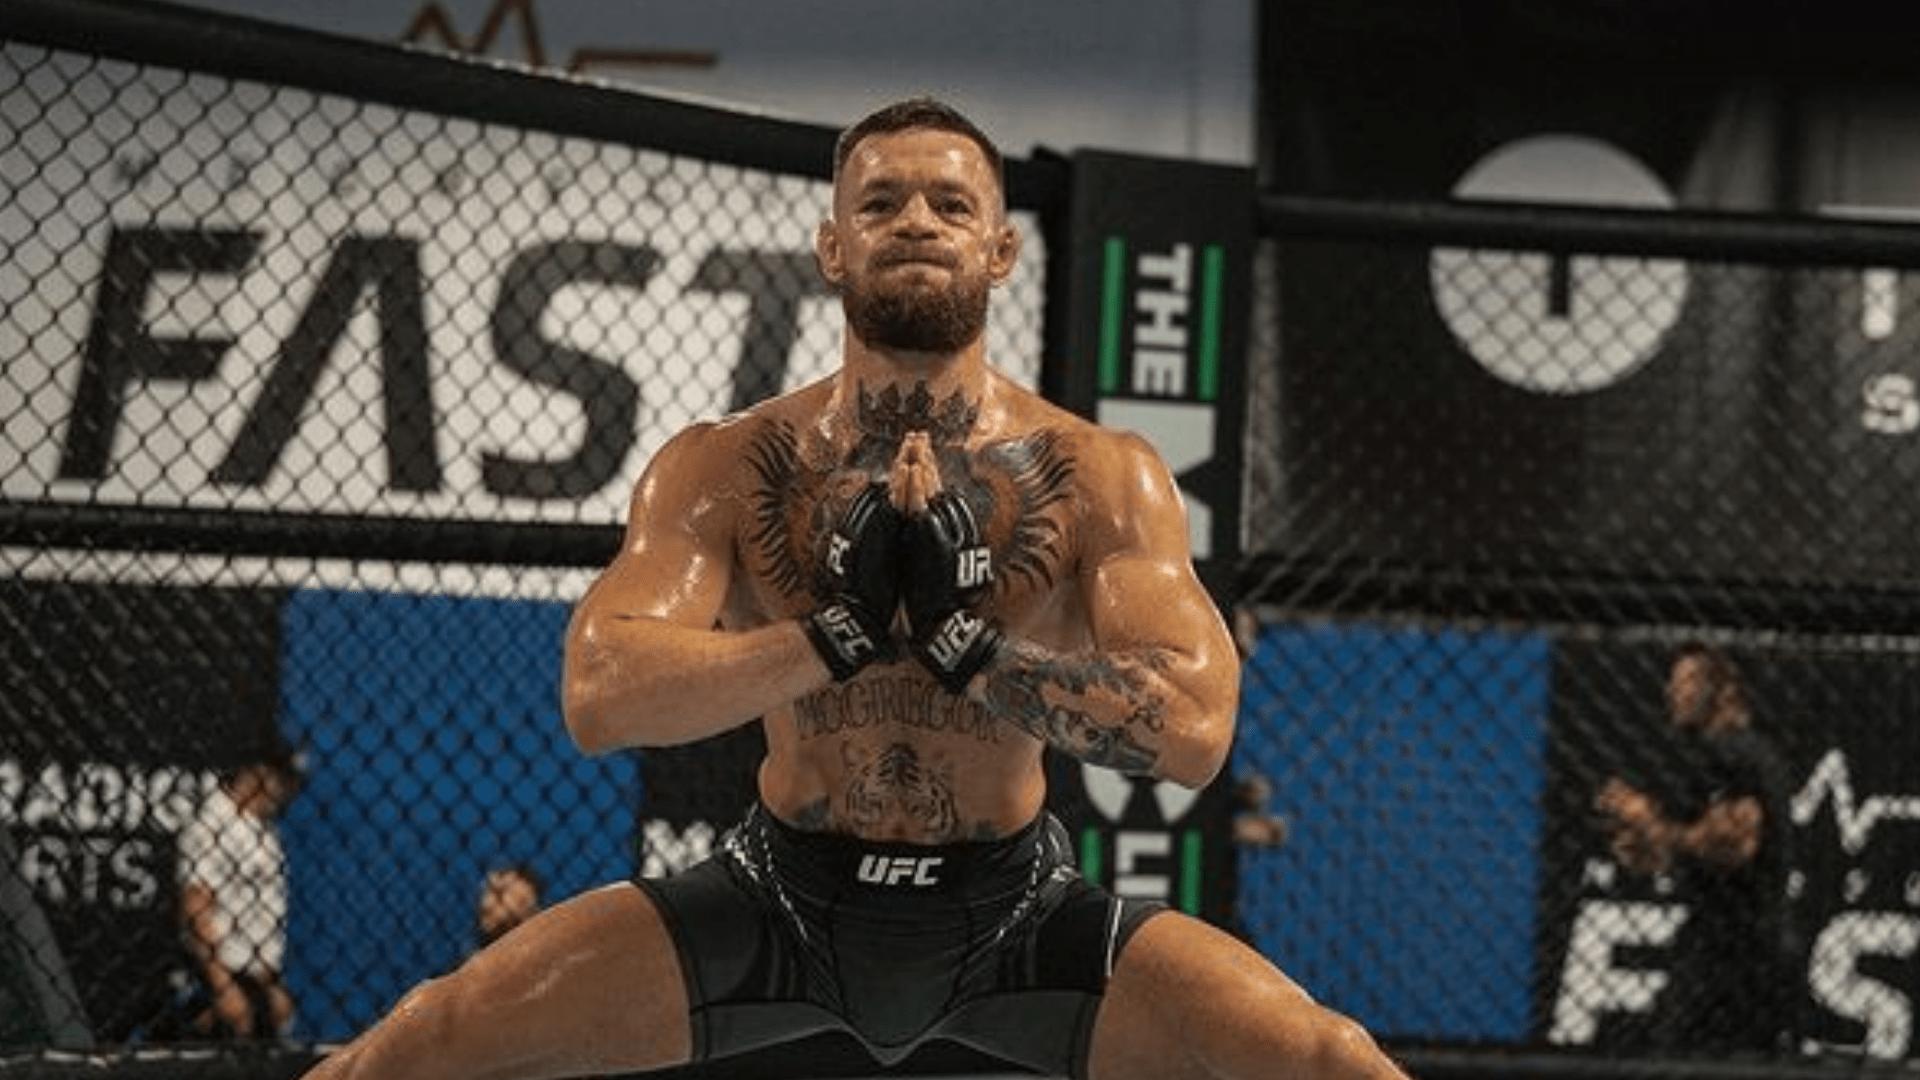 McGregor ahead of UFC 264